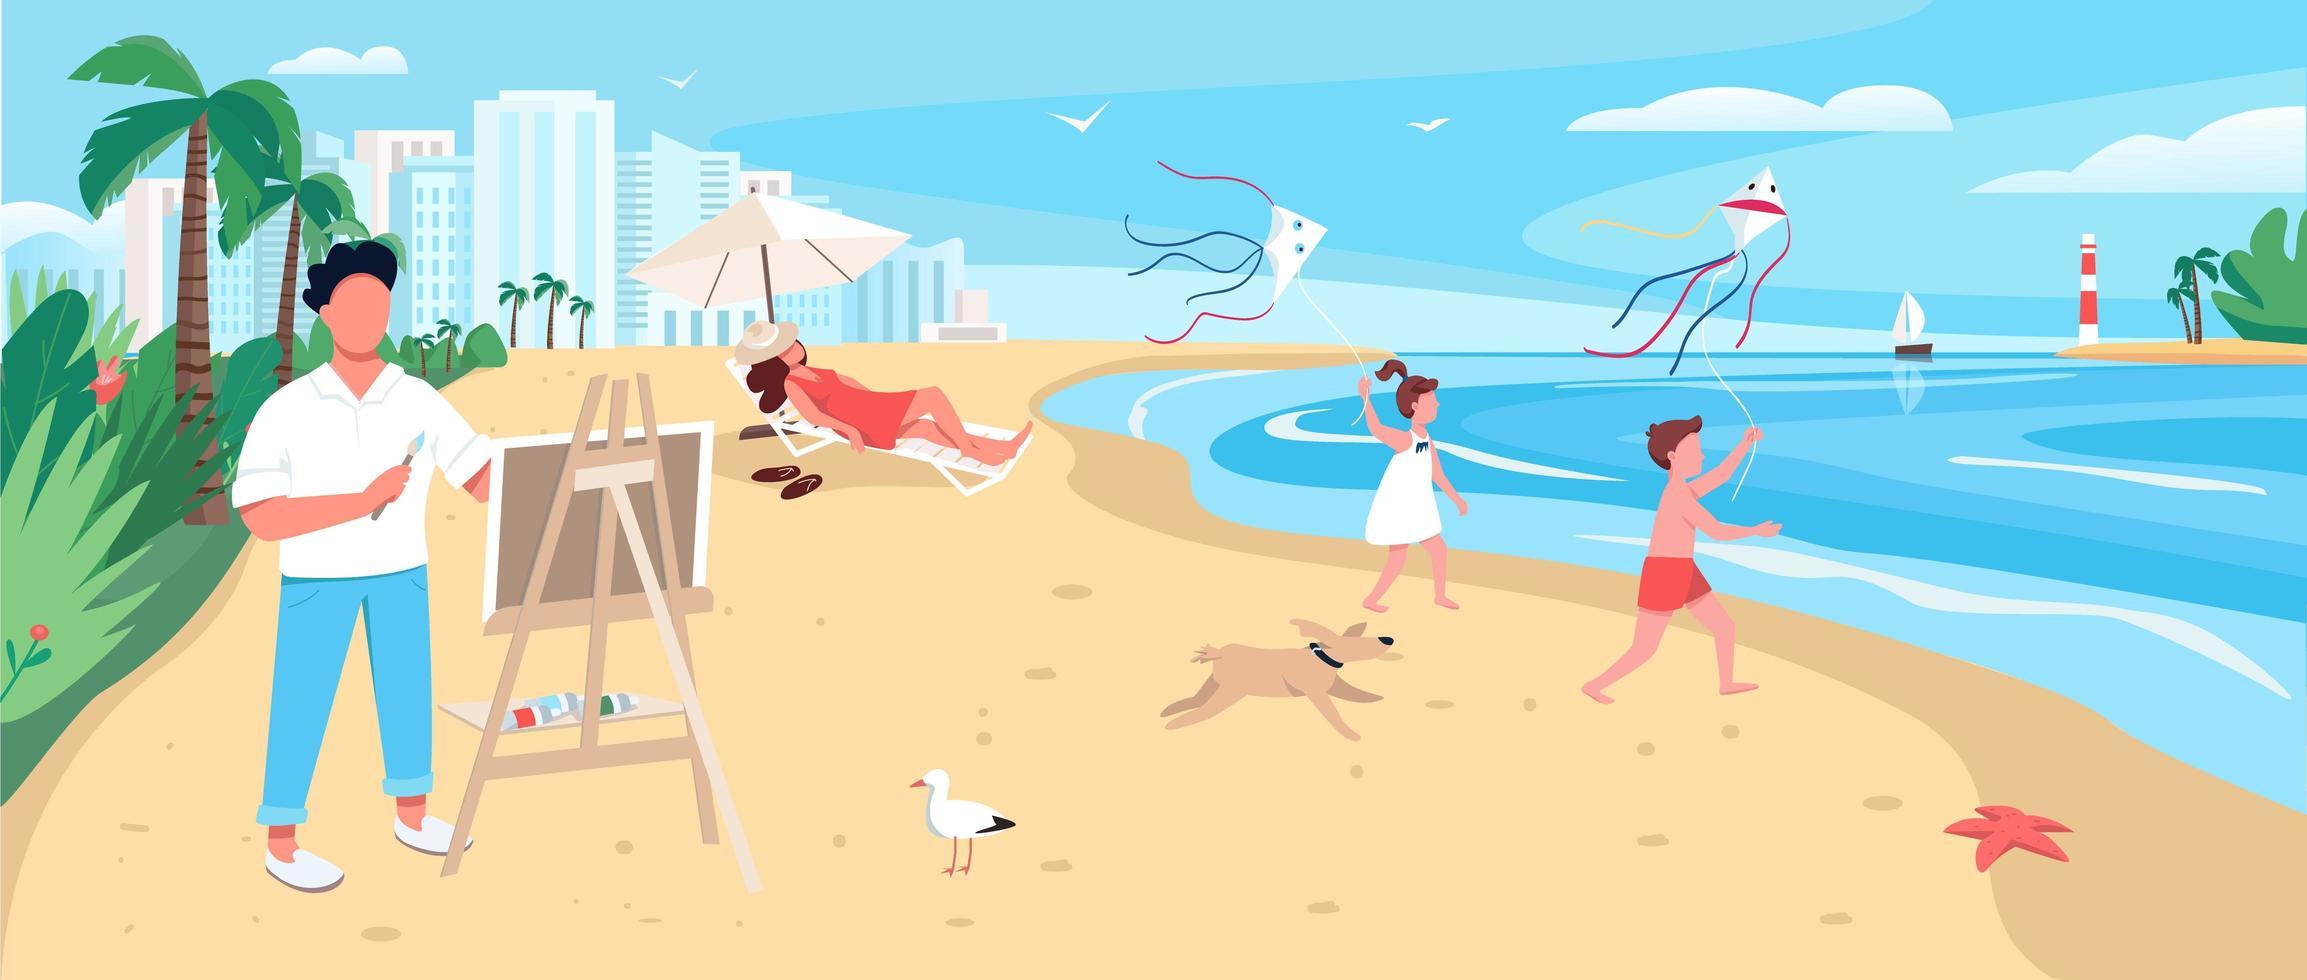 Peinture de l'artiste à la plage de sable exotique vecteur